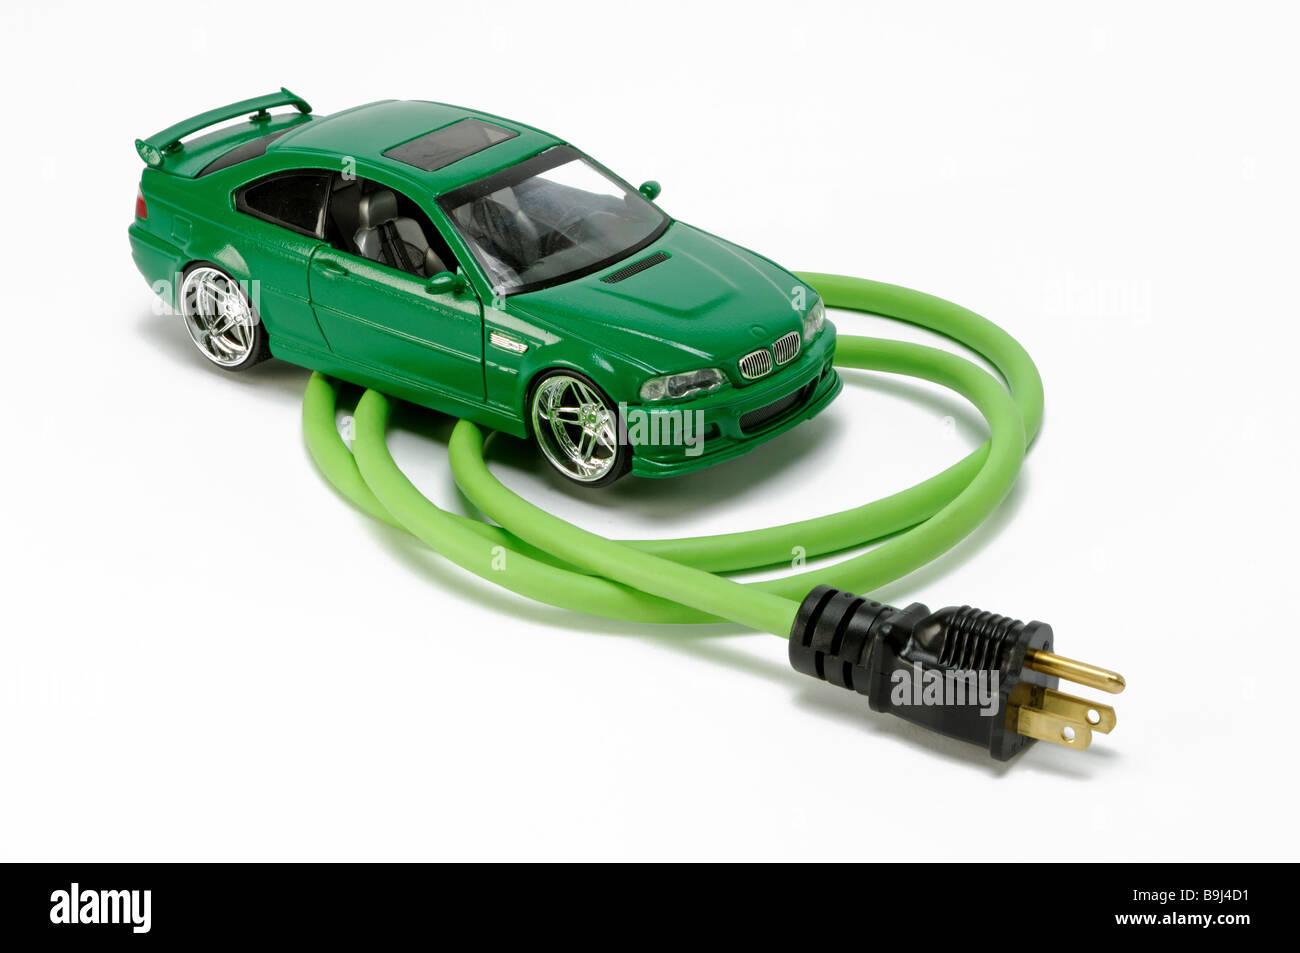 Un verde veicolo automobile automobile con un verde prolunga elettrica cavo di alimentazione sezione con un tappo Immagini Stock